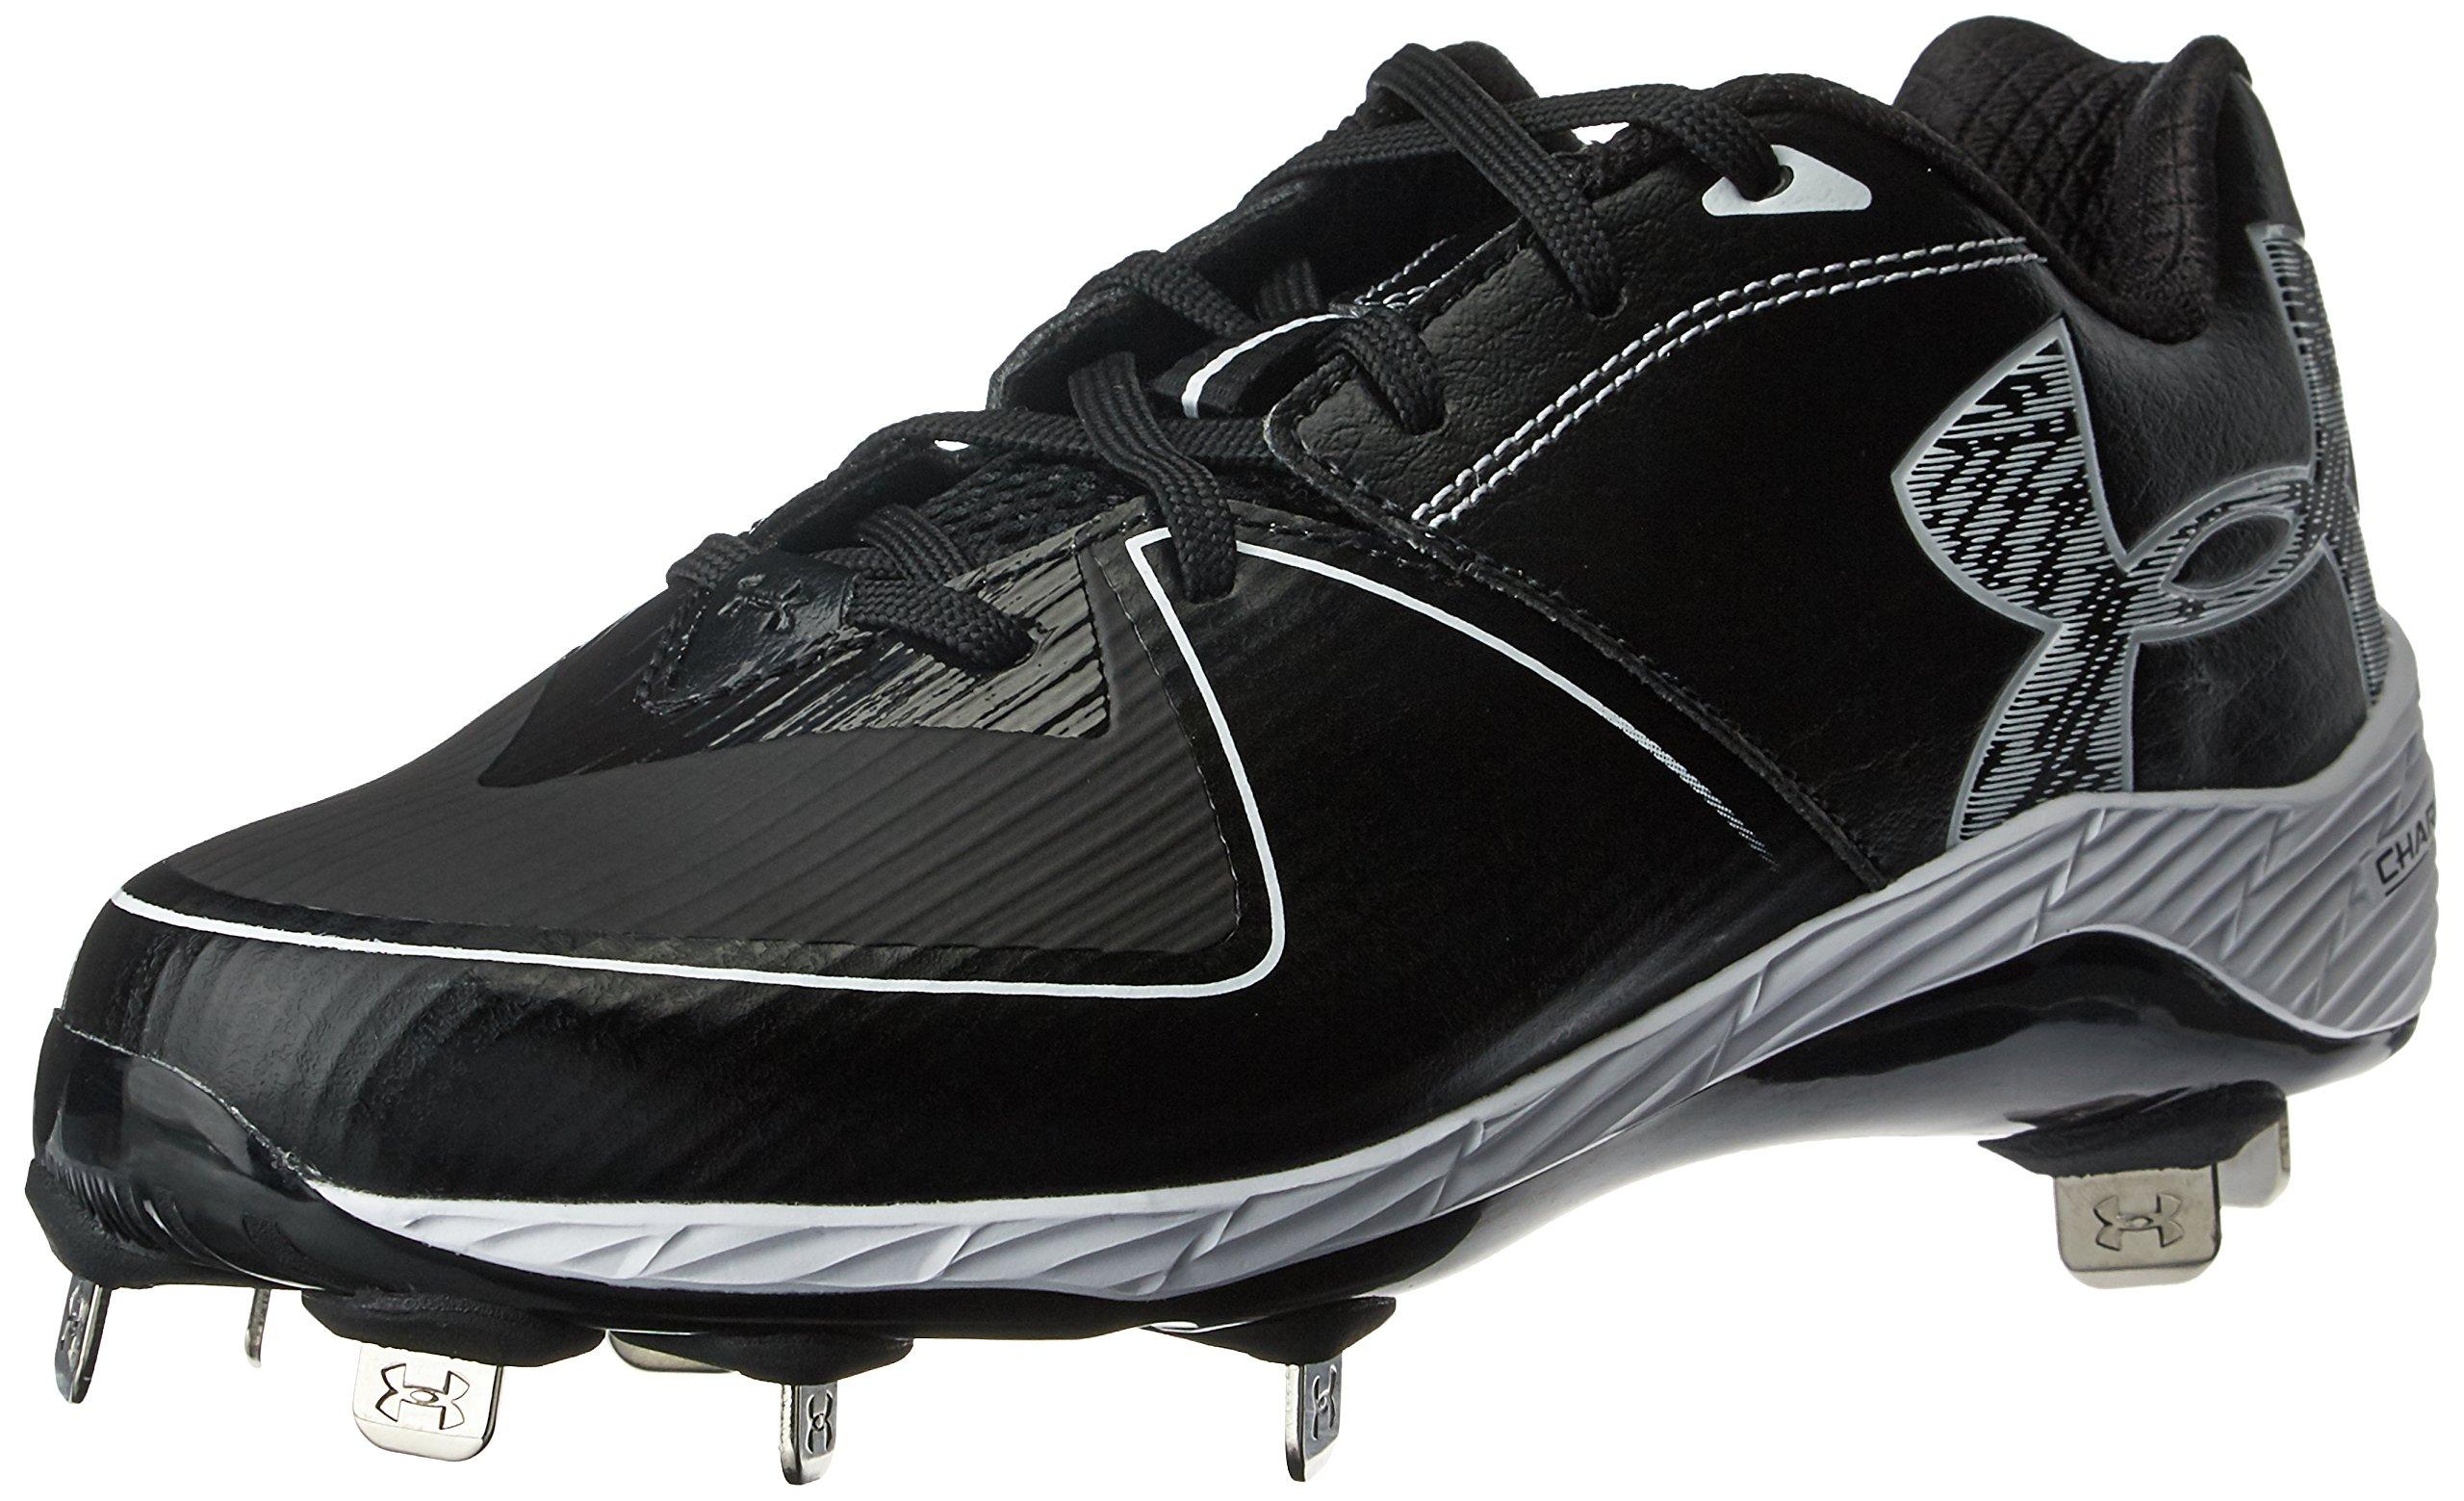 Under Armour Men's Glyde 2.0 ST Softball Shoe, Black (001)/Black, 6.5